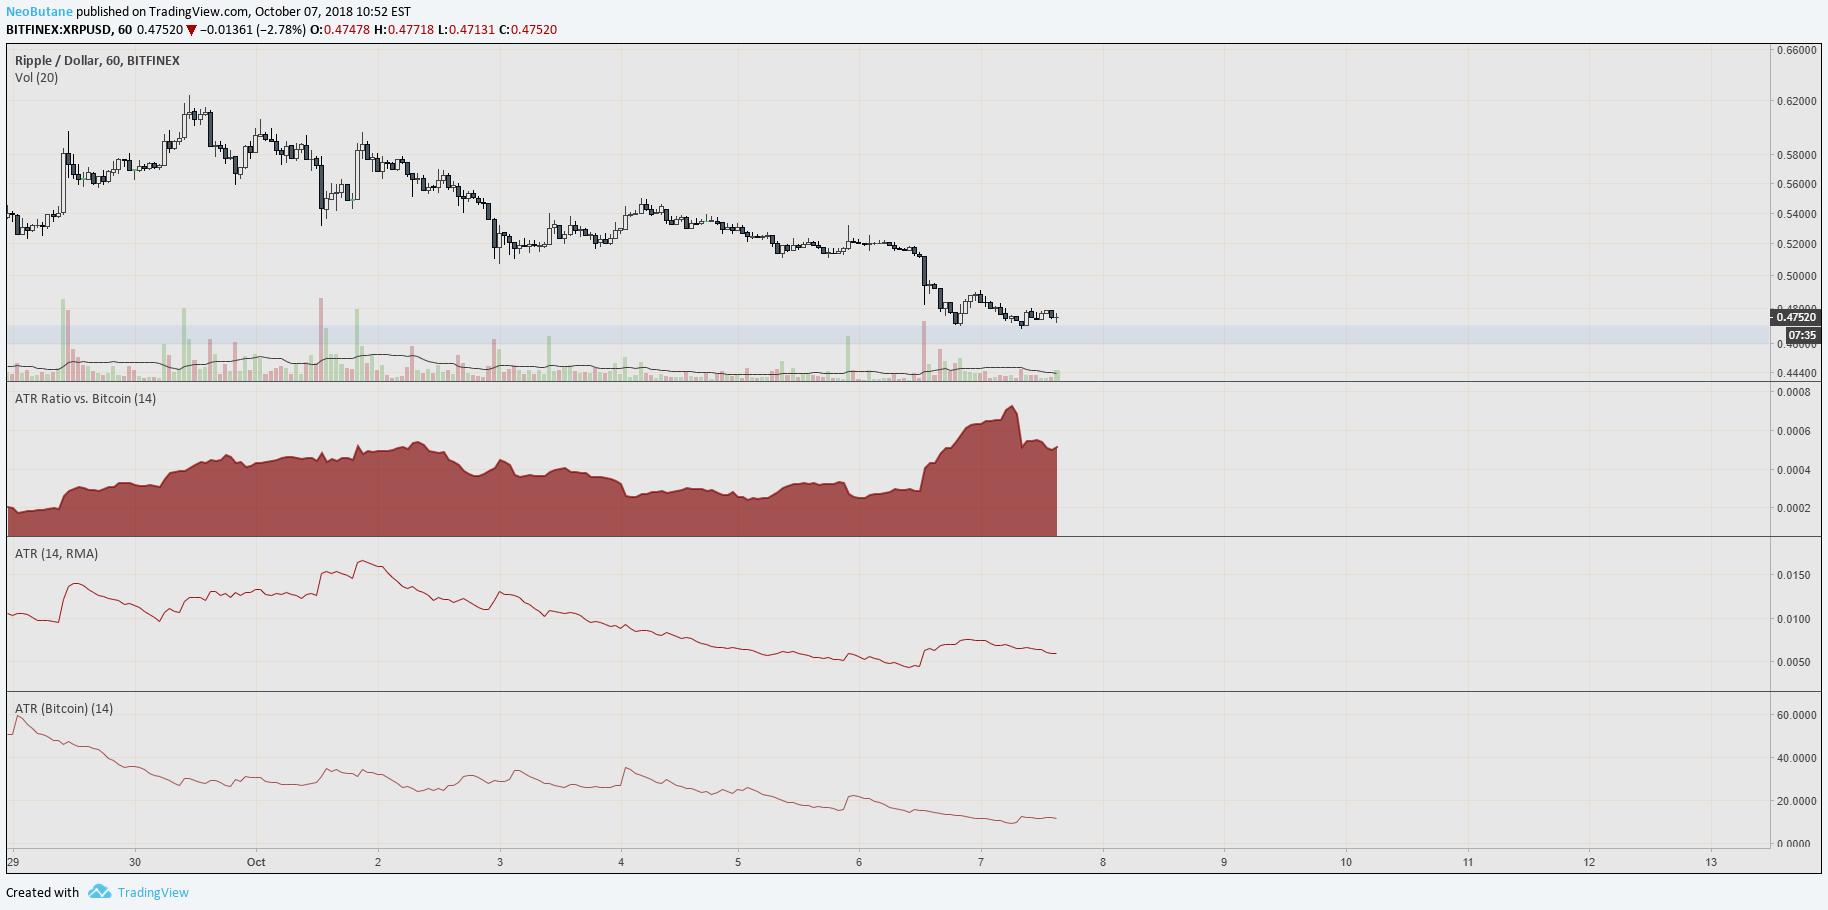 lire vs bitcoin